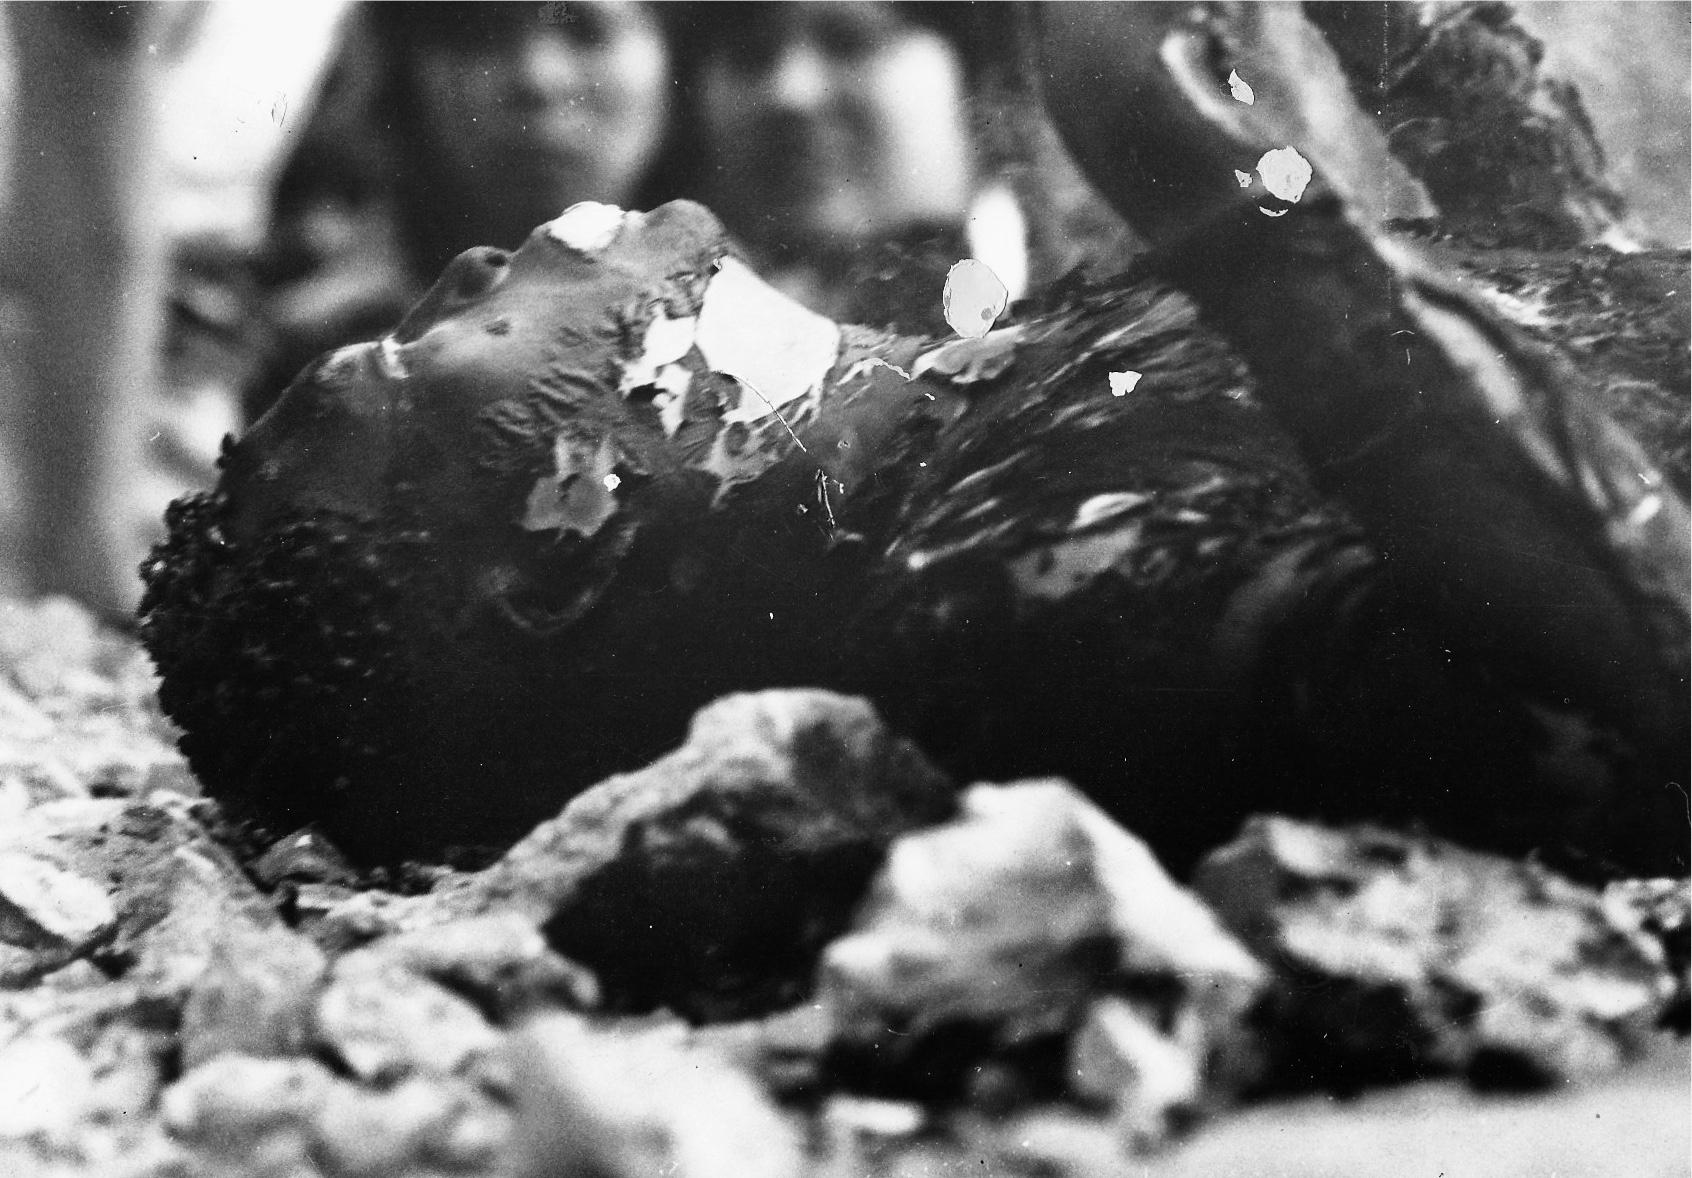 Un officier Sud vietnamien s'immole